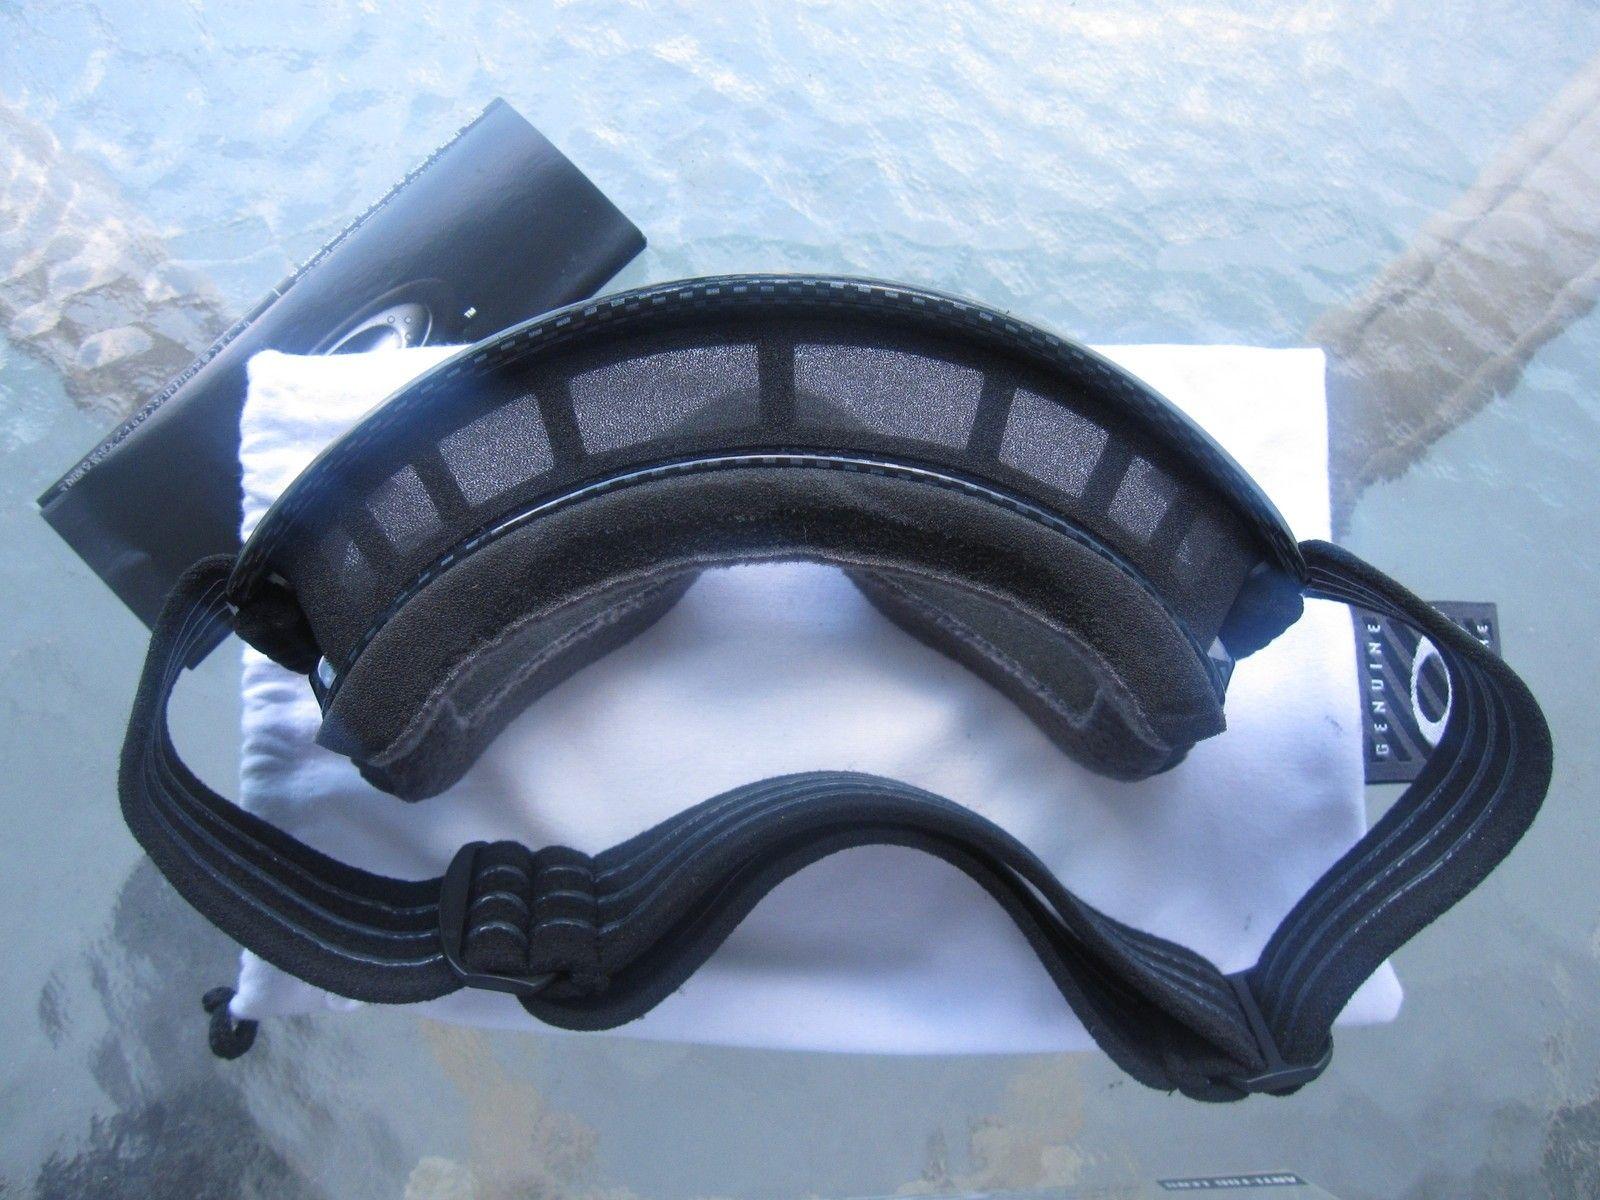 OAKLEY L FRAME MX - Over Glasses goggles Atv/Moto/dirt - Carbon Fiber - IMG_2803.JPG